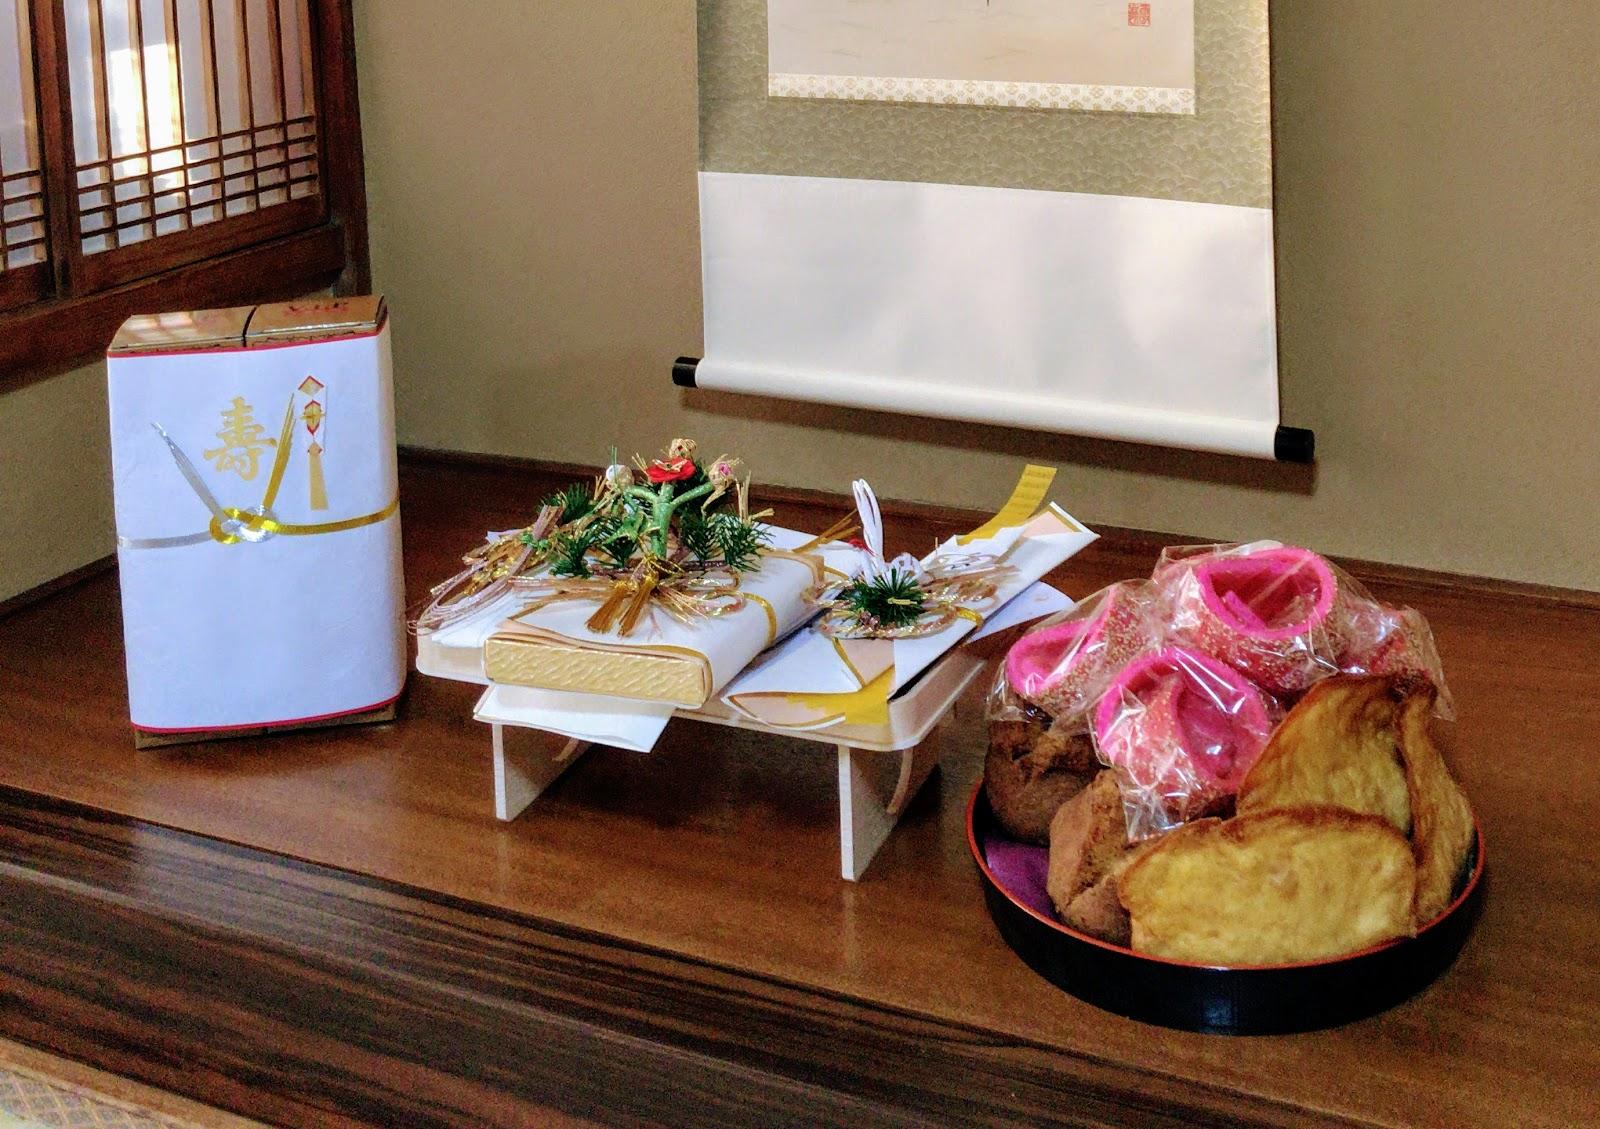 沖縄式の結納の飾りつけの画像